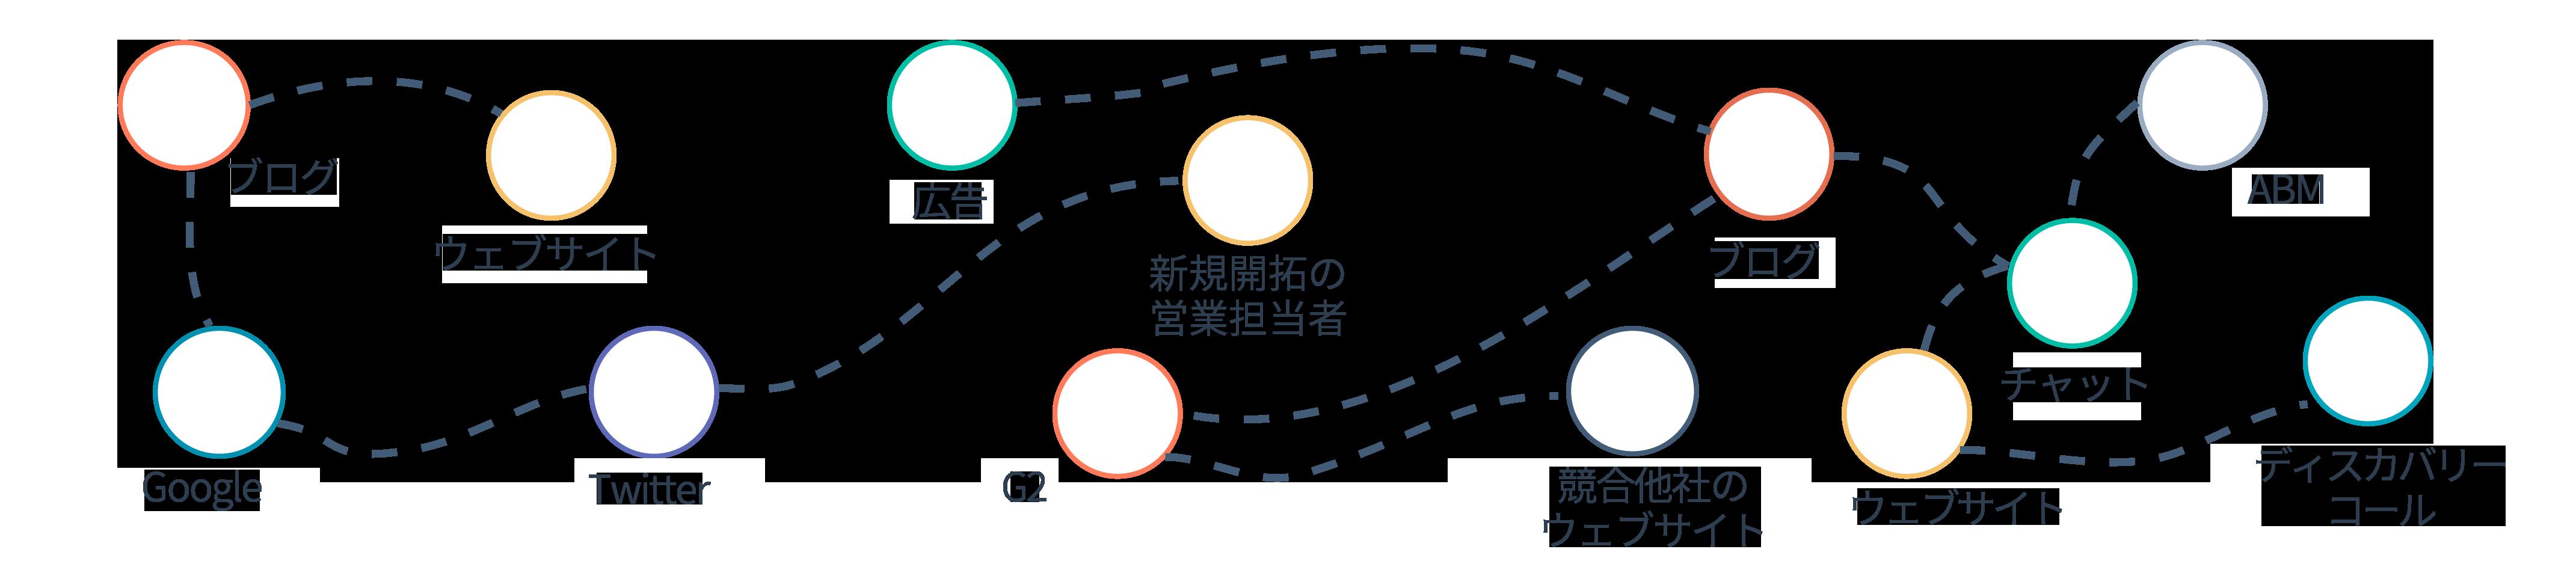 成長の基盤となるシステム - 顧客体験の概略図